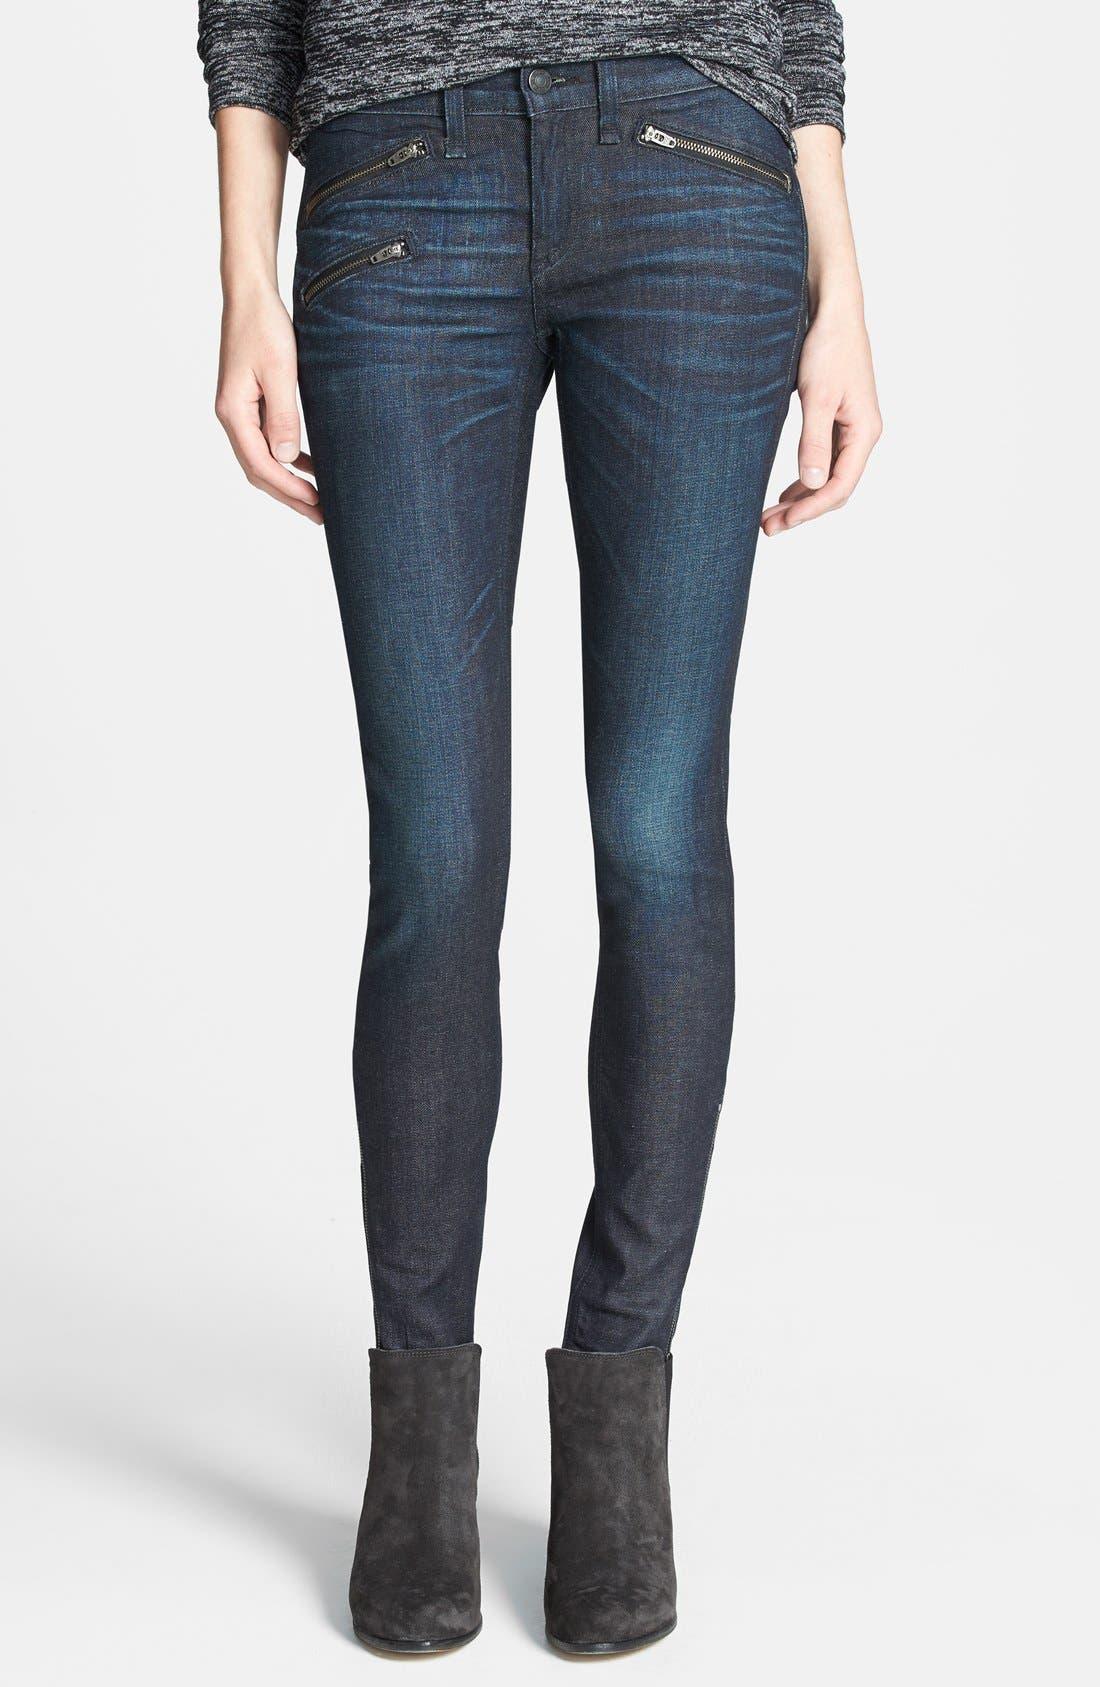 Alternate Image 1 Selected - rag & bone/JEAN Zip Detail Skinny Jeans (Kensington) (Nordstrom Exclusive)